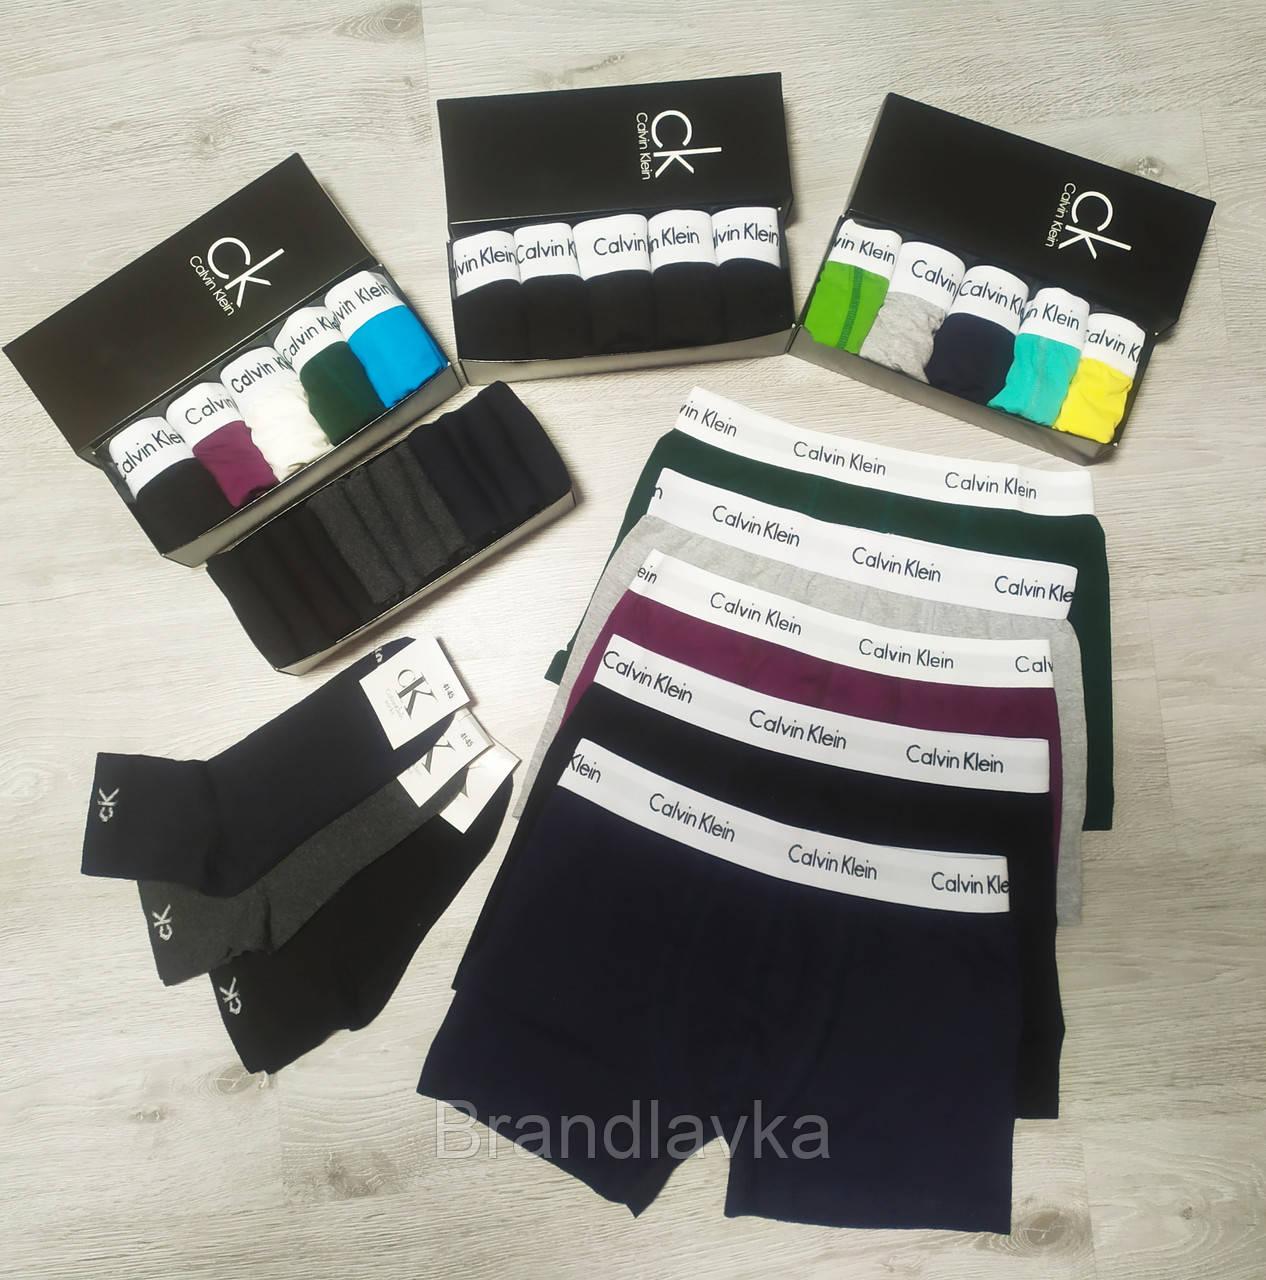 Набор мужских трусов боксеров Calvin Klein 5 шт без коробки Боксеры трусы шорты транки кельвин кляйн - фото 1